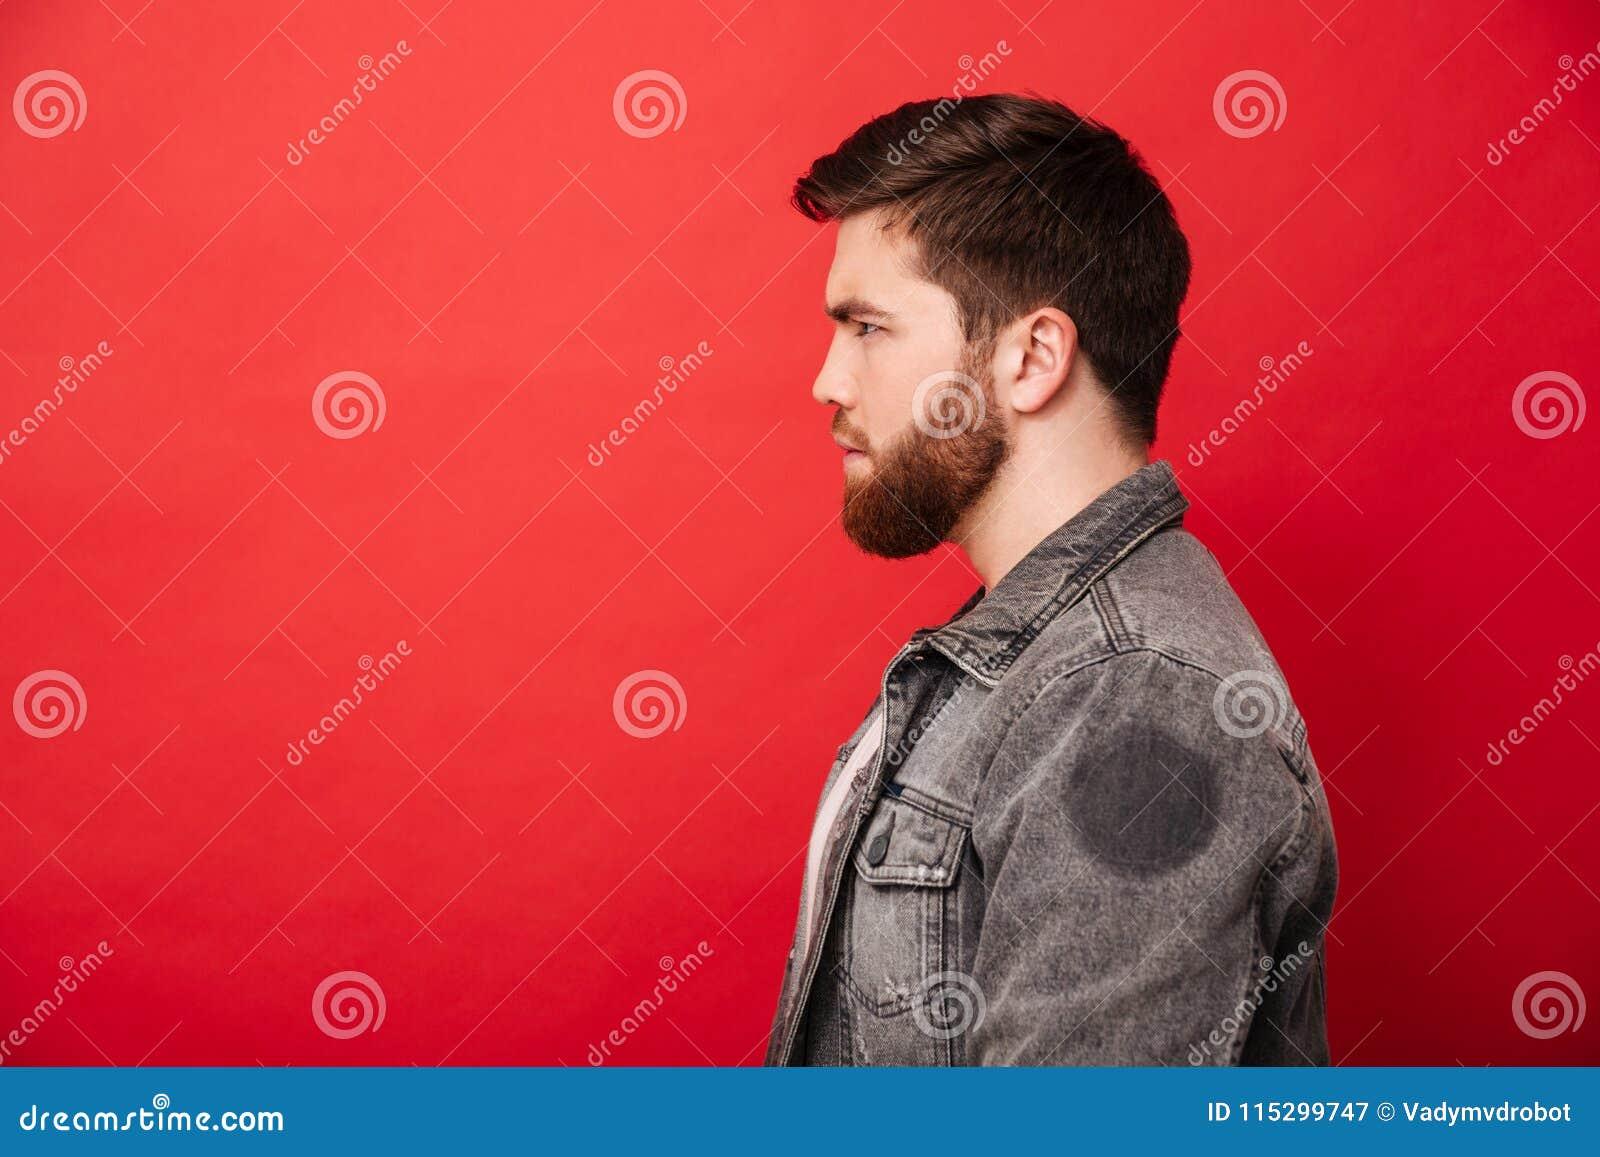 Portret w profilu skoncentrowany brodaty mężczyzna w cajg kurtce